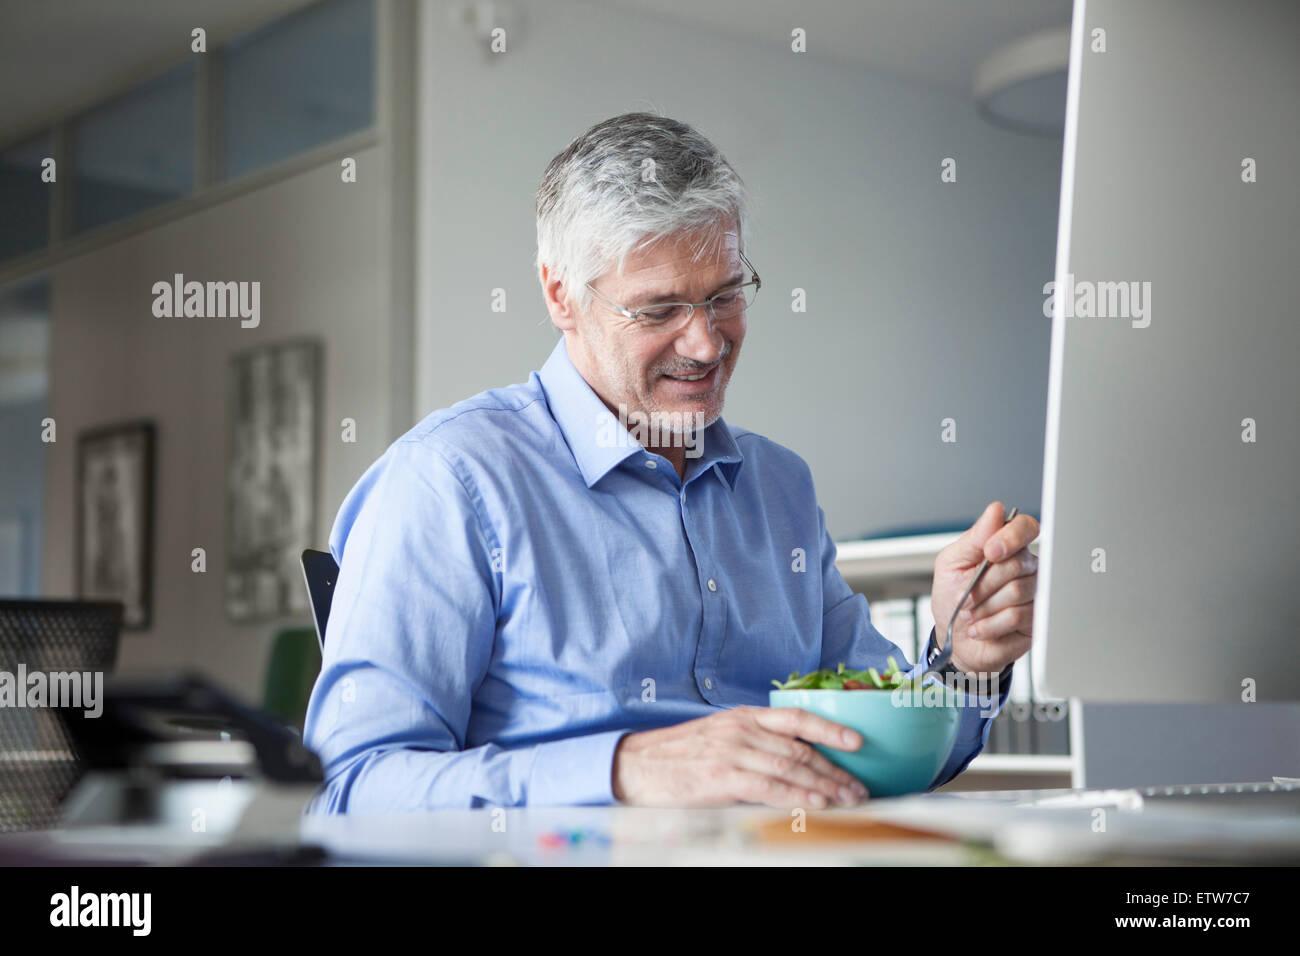 Businessman sitting at desk, eating salad - Stock Image